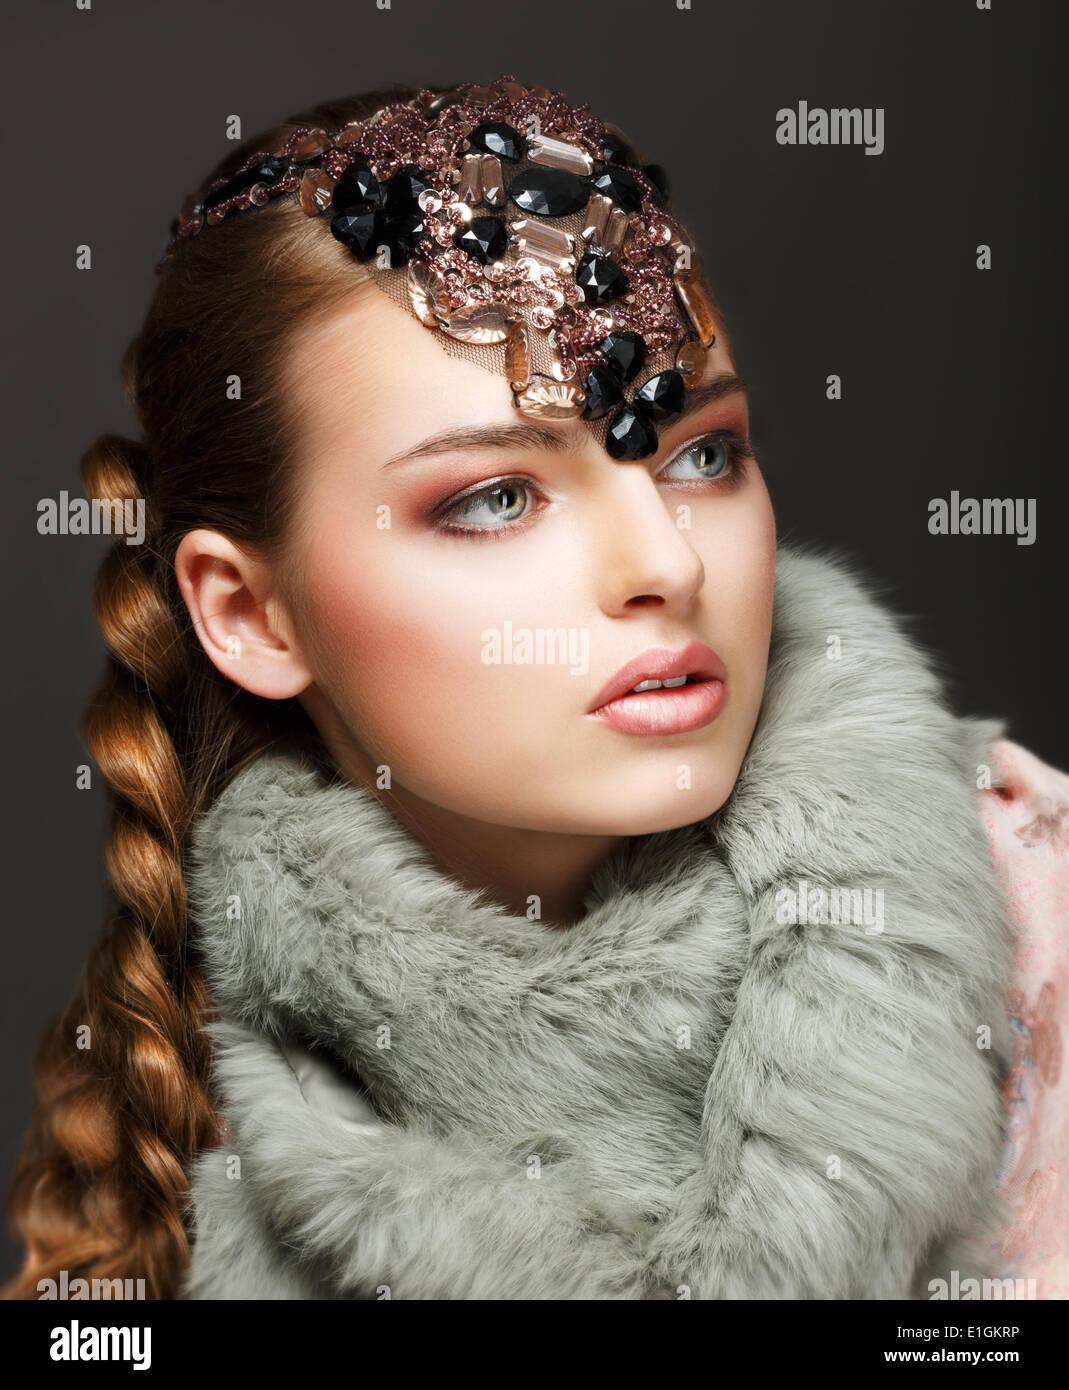 Treccia di capelli donna di lusso in pelliccia collare e pietre preziose. Gioielli Immagini Stock